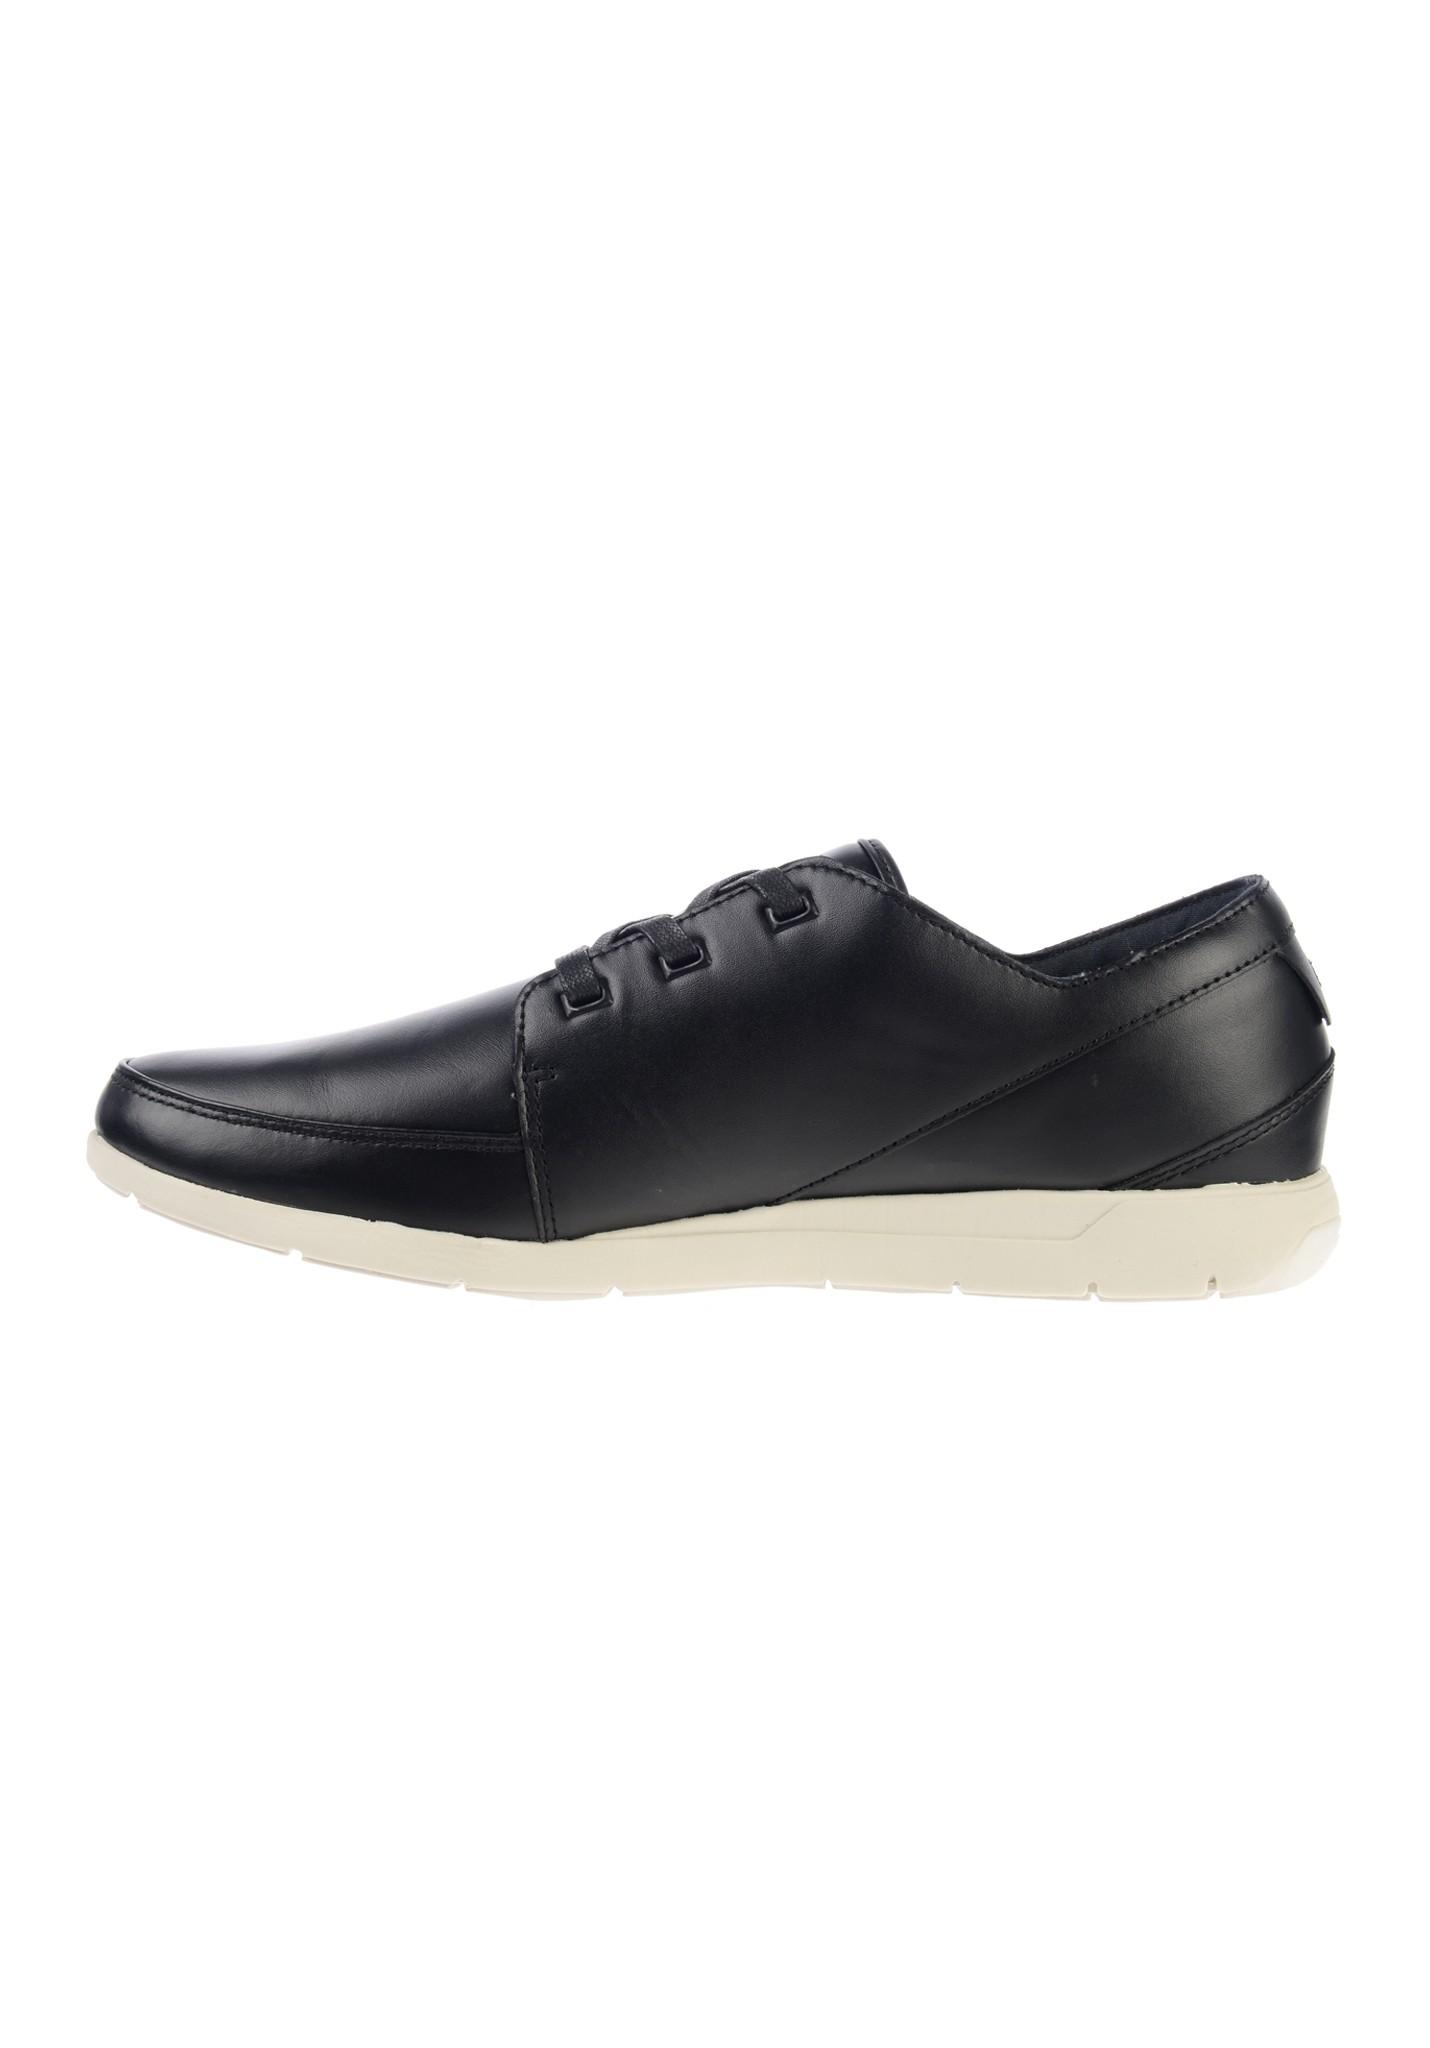 neu boxfresh keel kat cp herren sneaker turnschuhe freizeit schuhe sneakers ebay. Black Bedroom Furniture Sets. Home Design Ideas